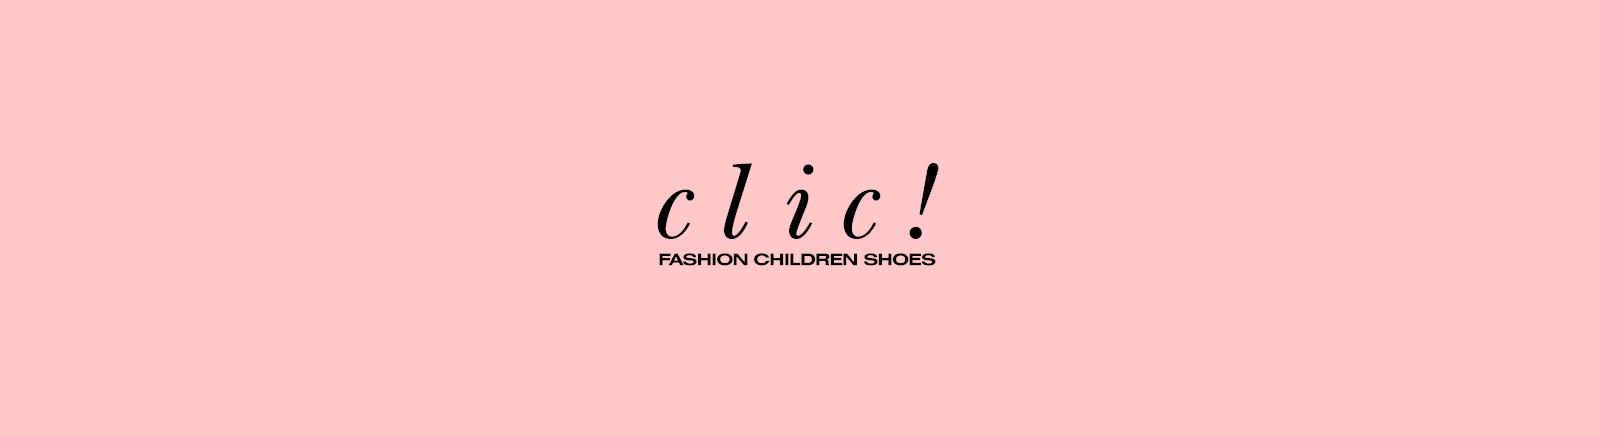 Juppen: Clic Shoes Stiefel für Mädchen und Jungen online shoppen